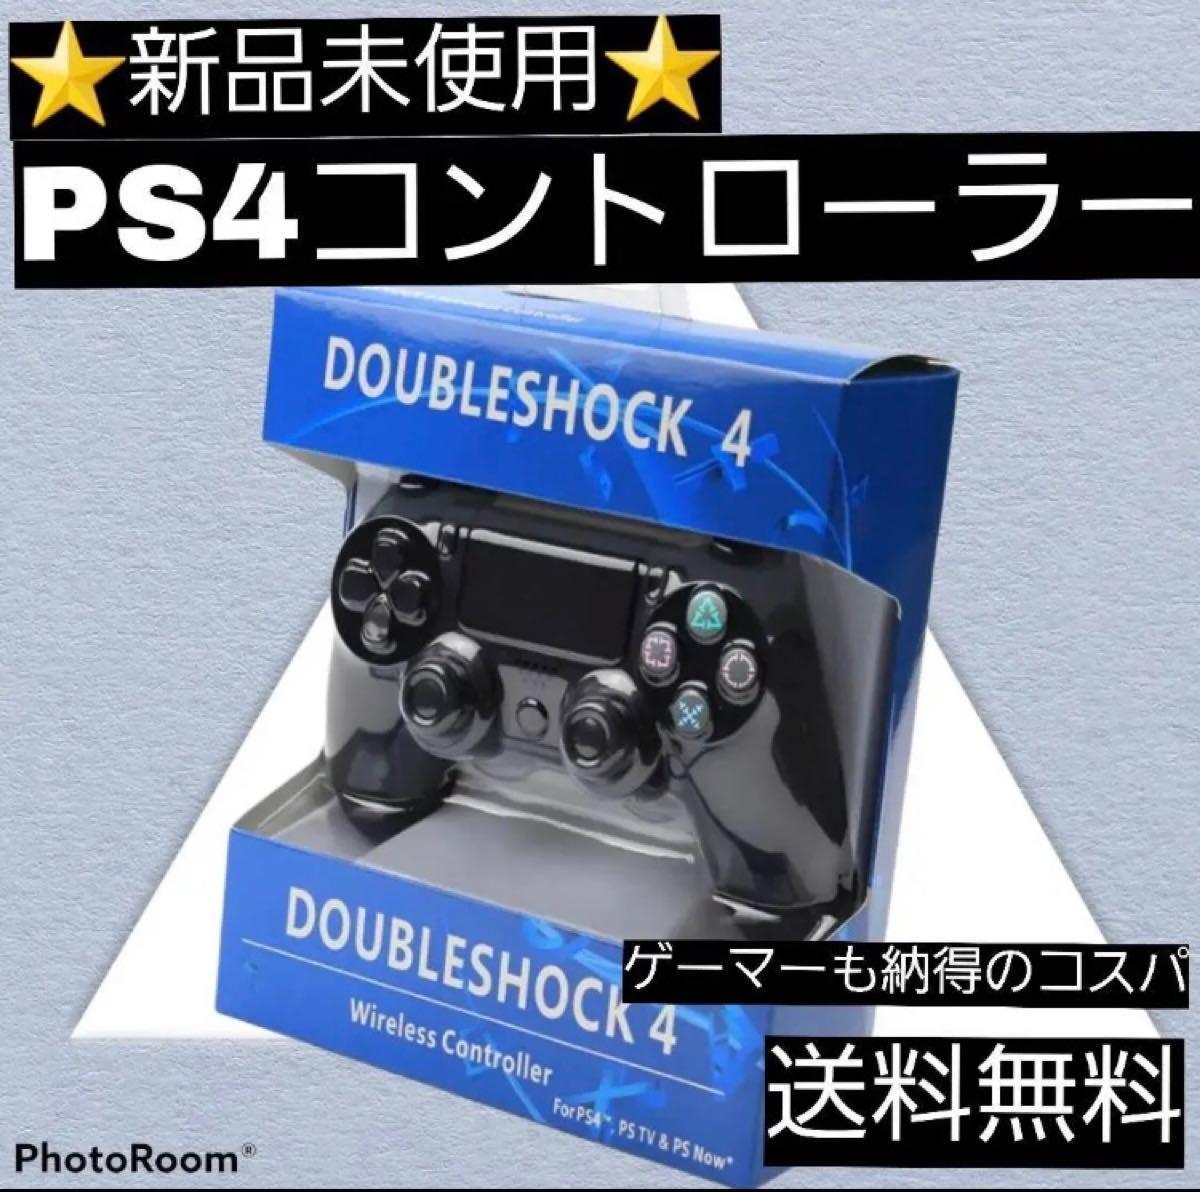 PS4(プレステ4)コントローラー PC対応 ネイビー ブラック